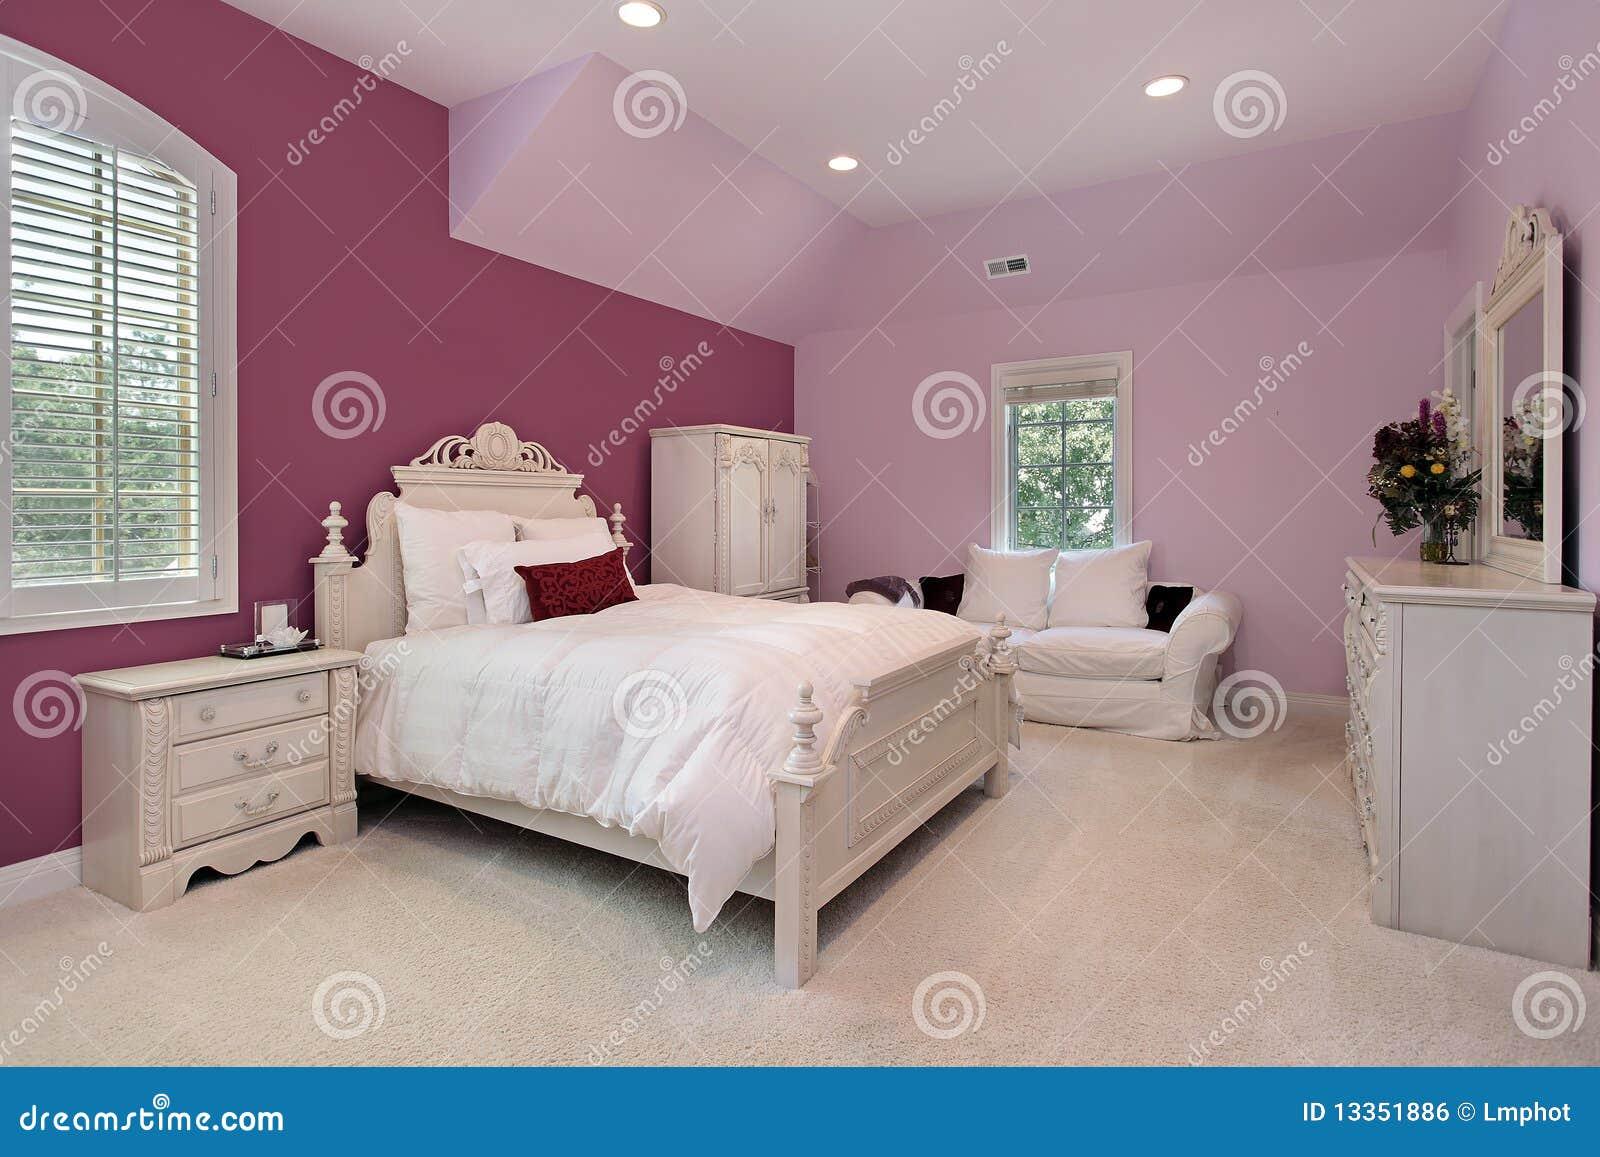 De roze slaapkamer van het meisje in luxehuis royalty vrije stock afbeelding afbeelding 13351886 - Slaapkamer van een meisje ...